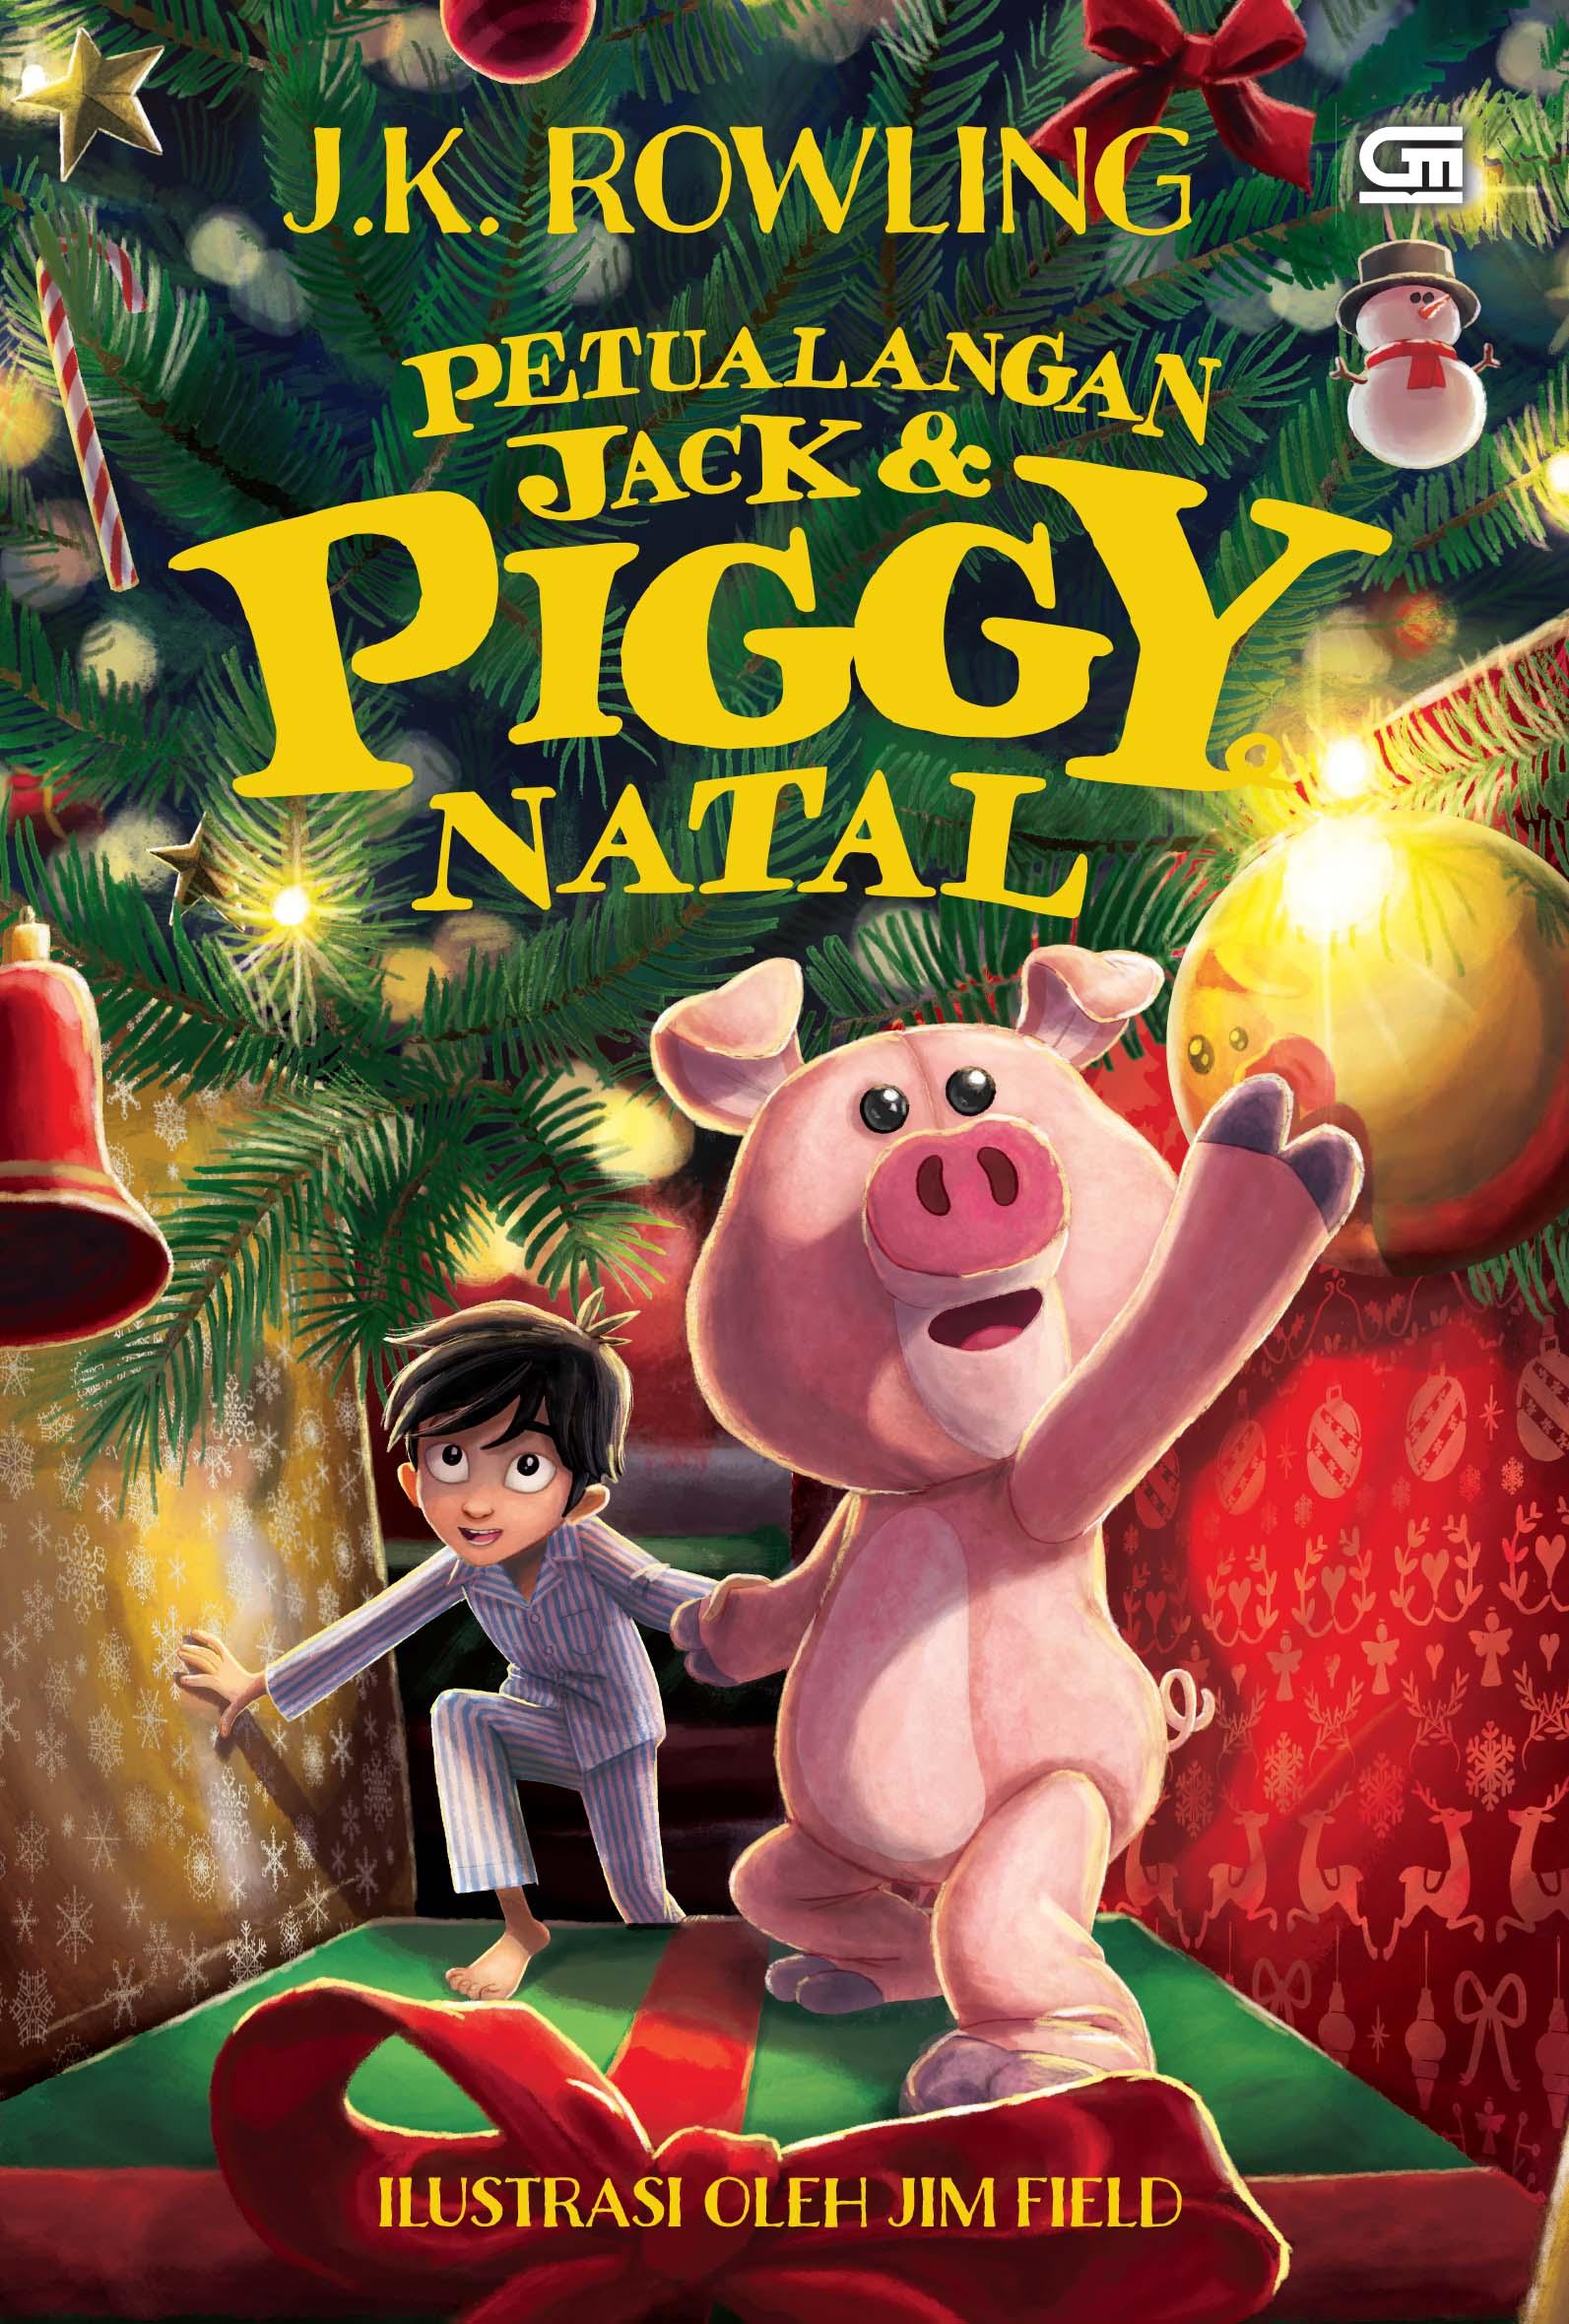 Petualangan Jack & Piggy Natal